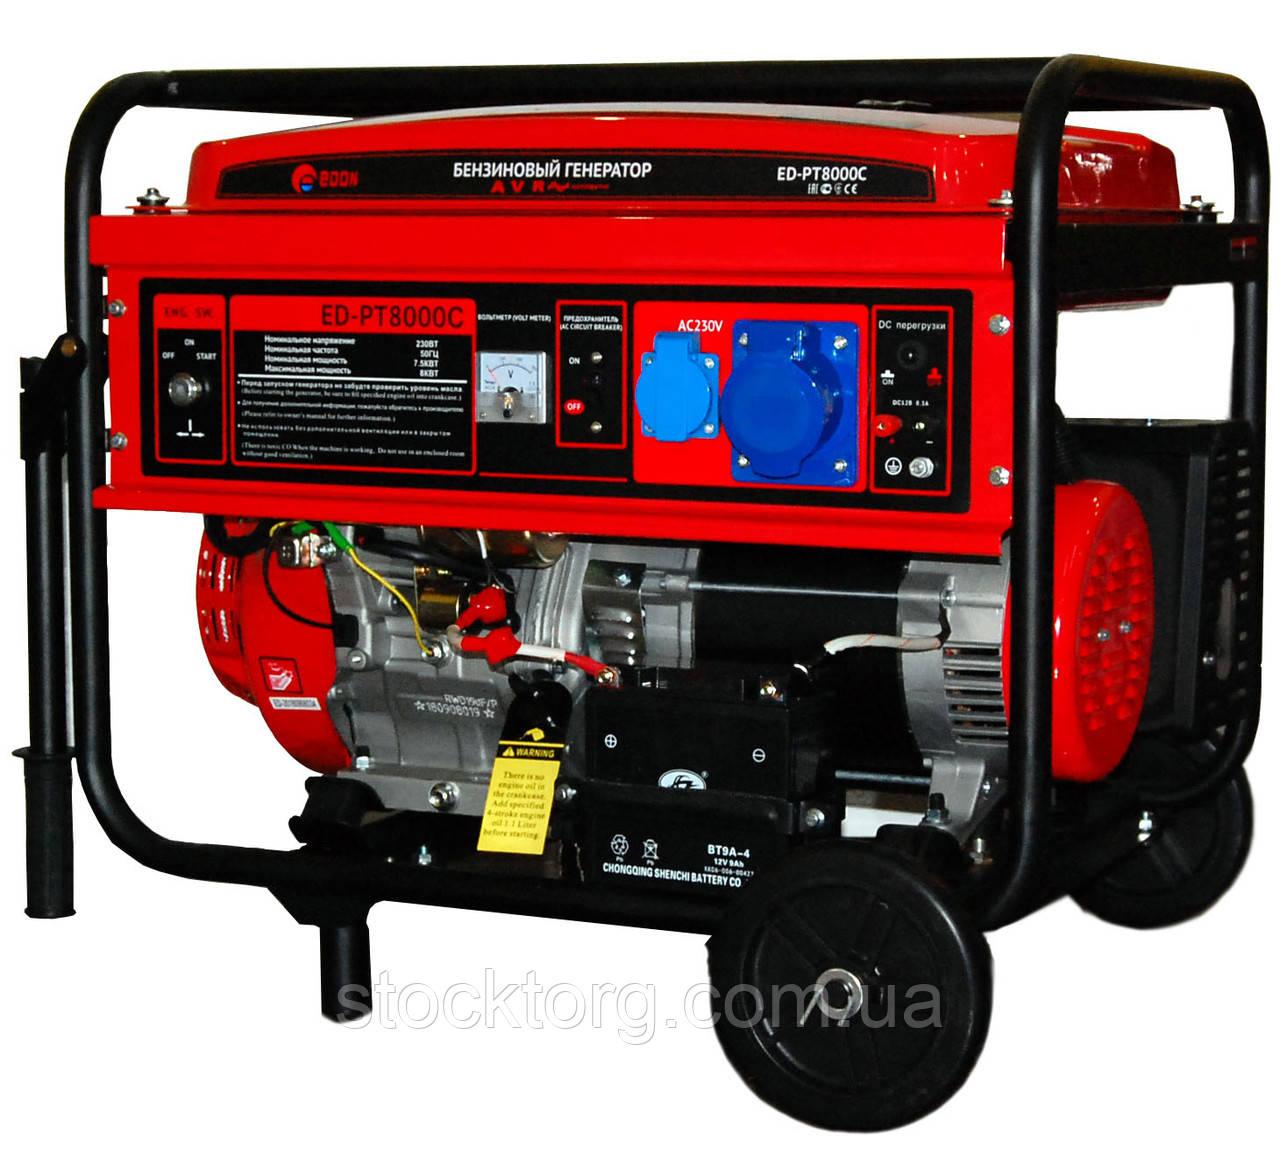 Генератор бензиновый Edon PT 8000C